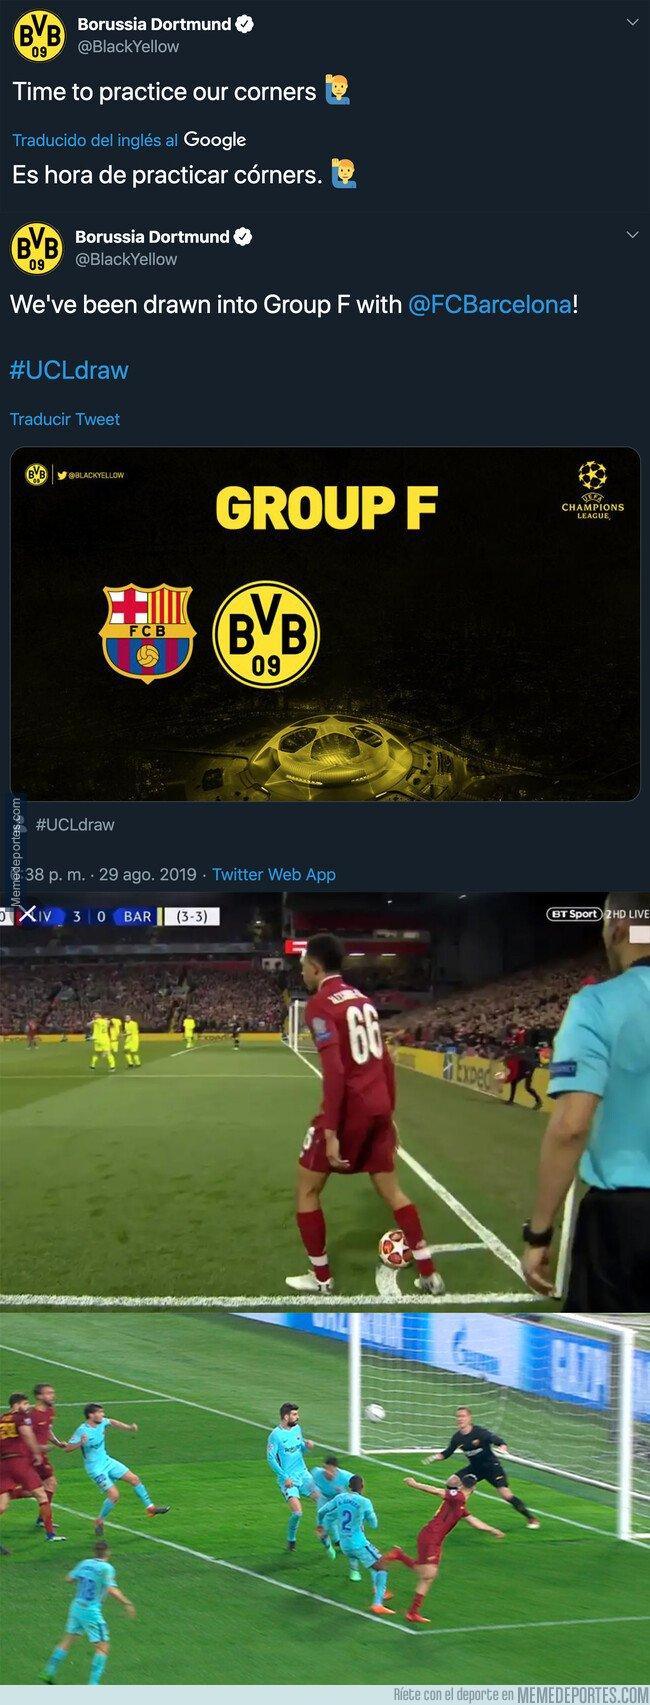 1084500 - El ZASCA antológico que le ha pegado el BVB al Barça tras enterarse que se enfrentarán en Champions